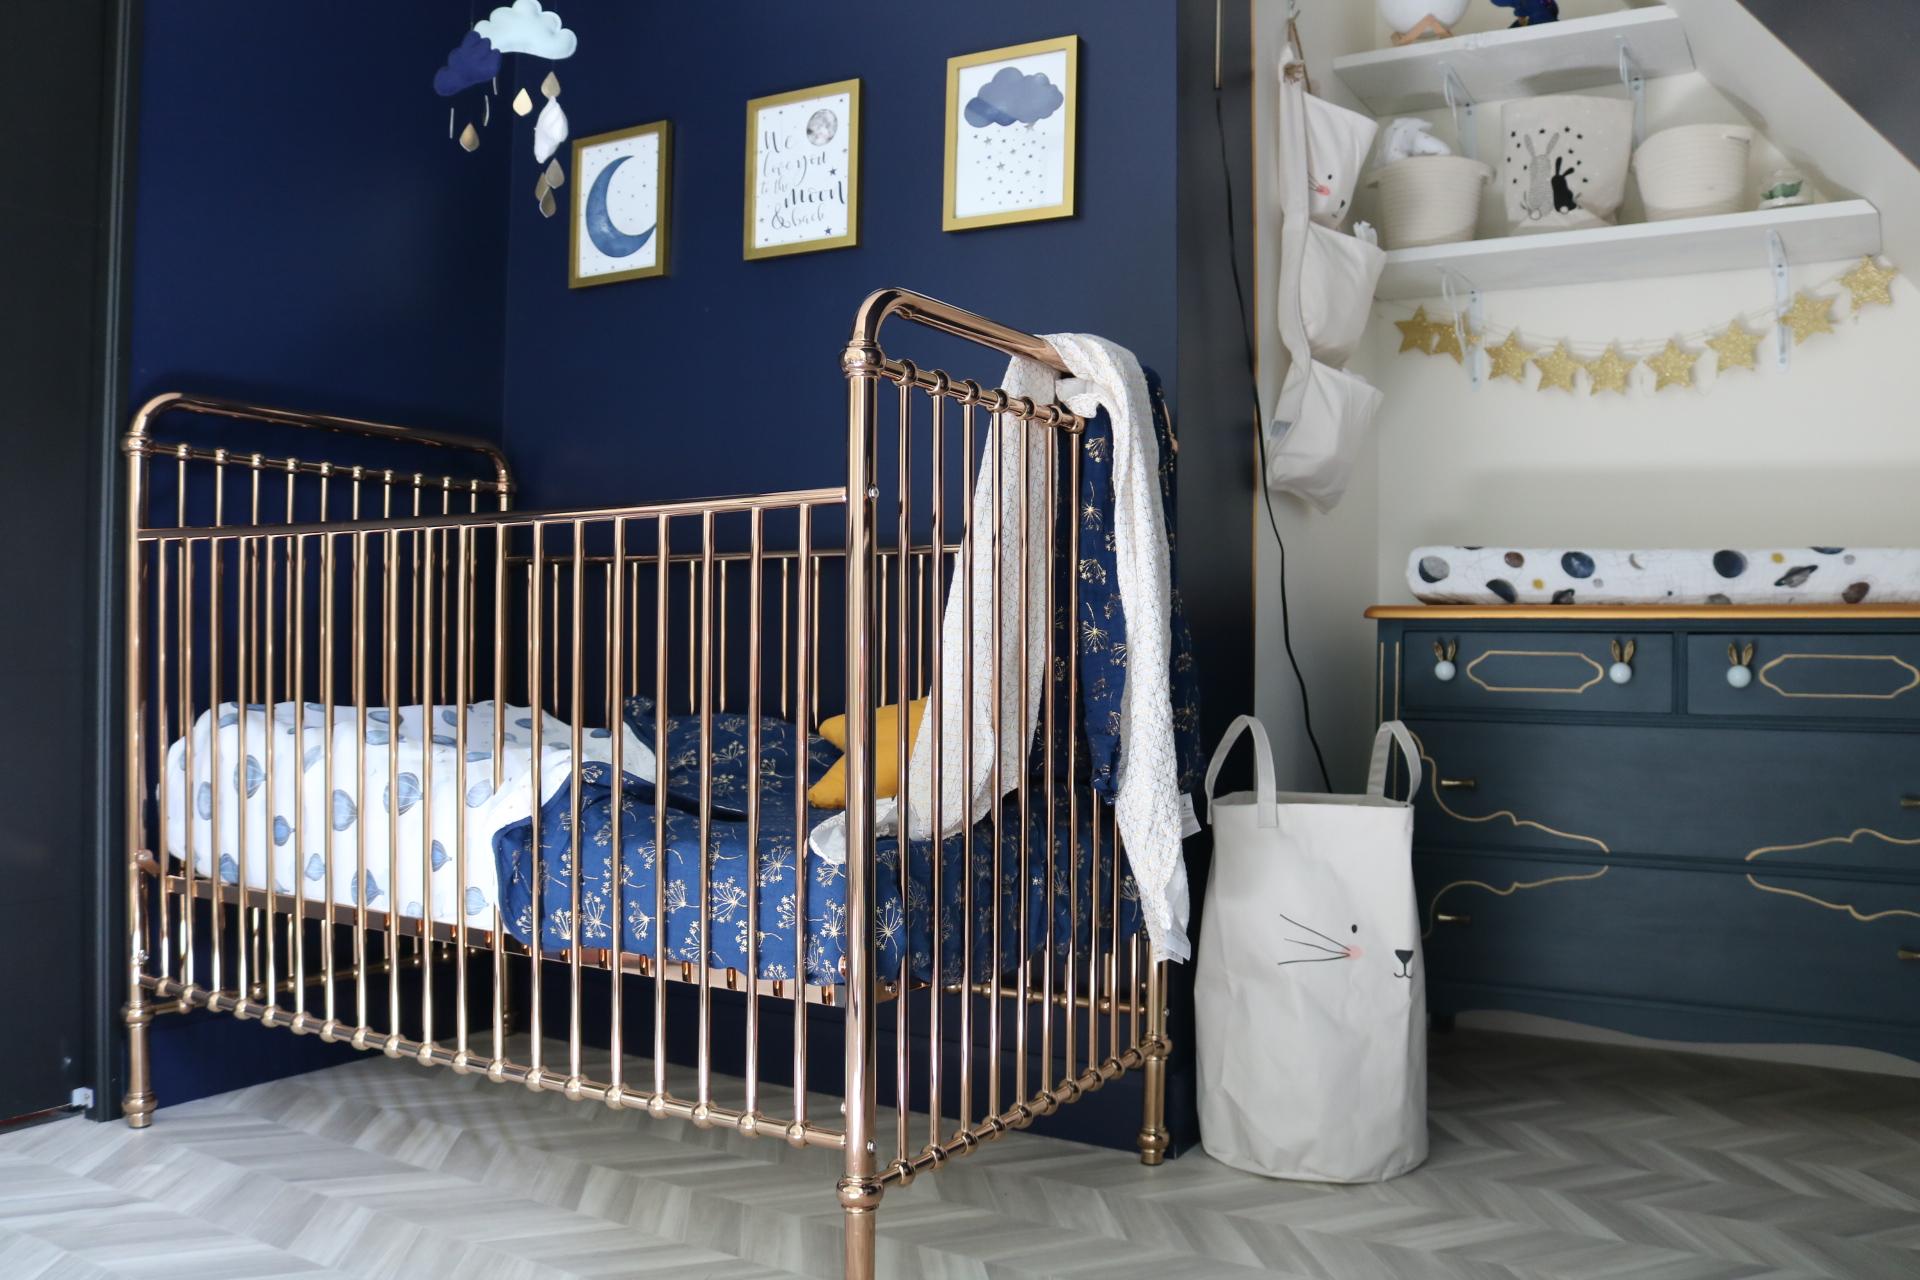 Réalisation design d'intérieur résidentielle La nocturne chambre bébé cuivre ETC 2019